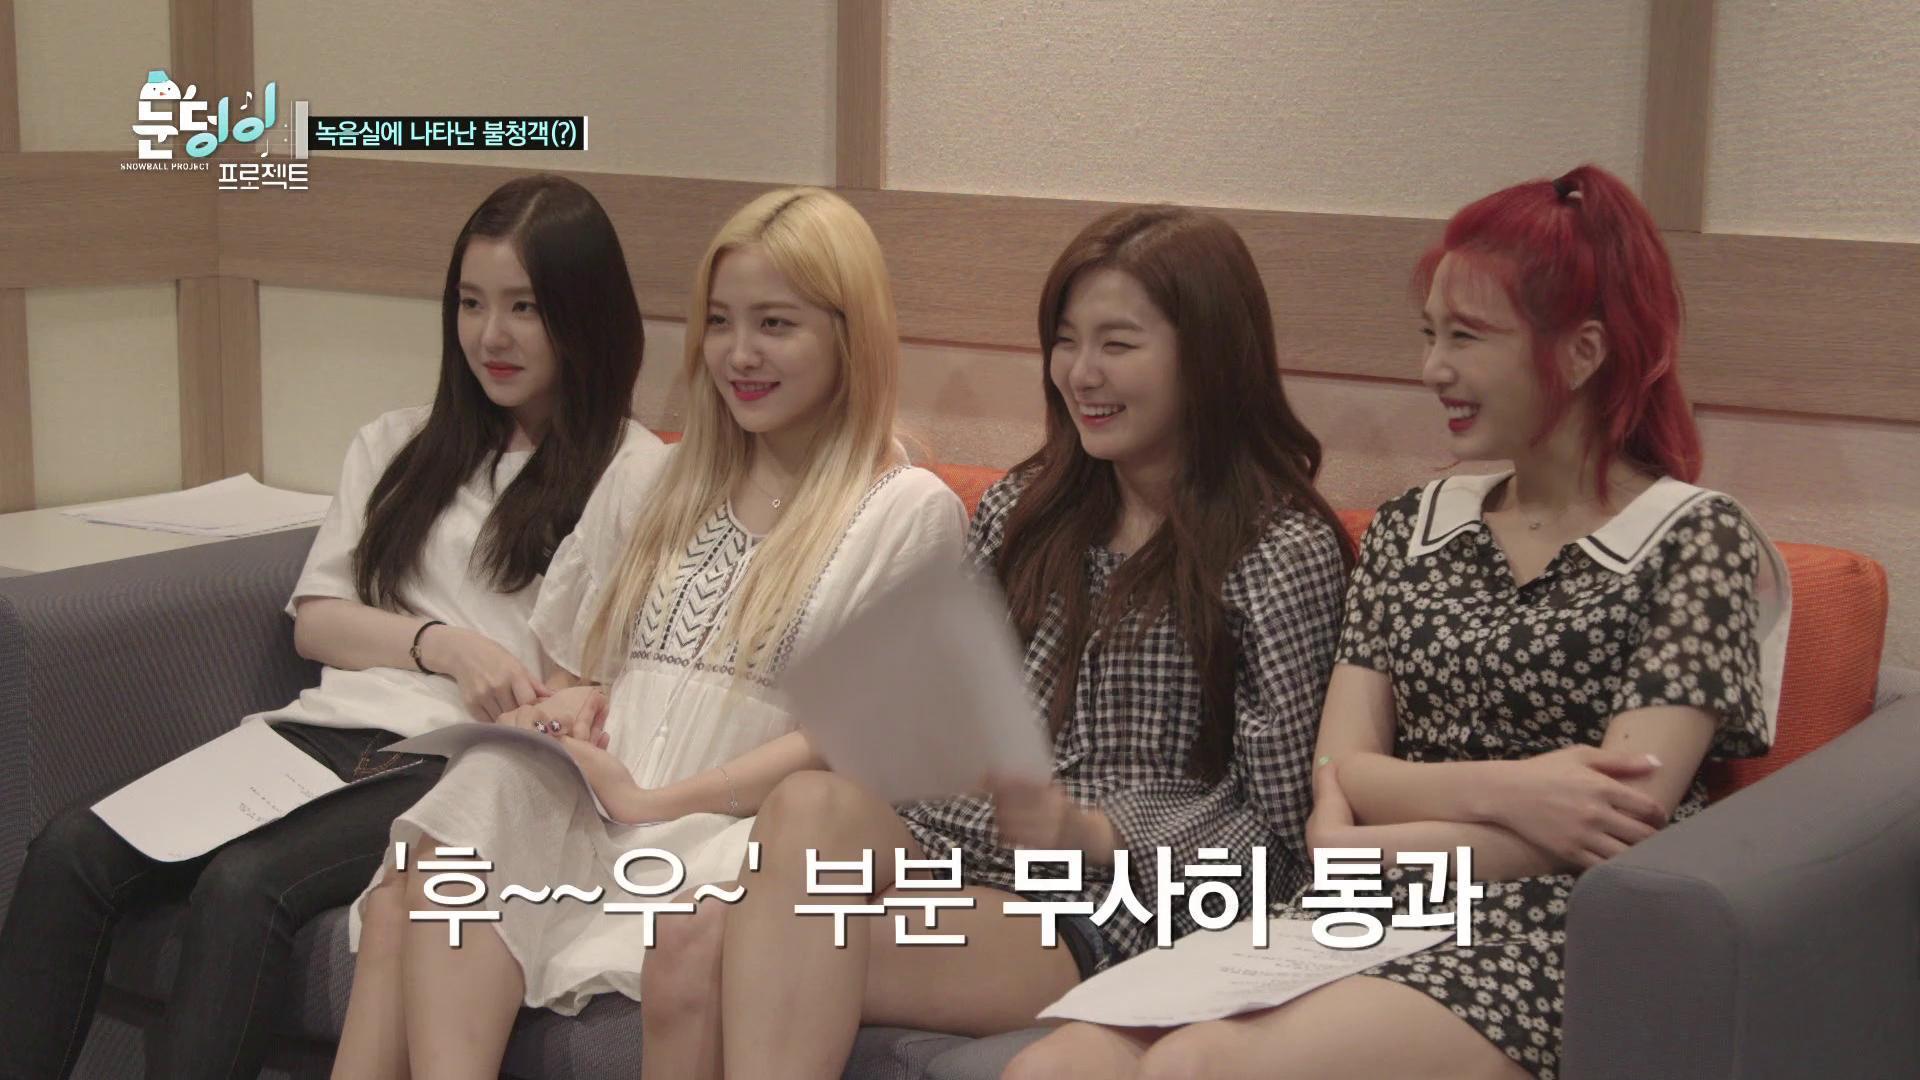 눈덩이 프로젝트 EP.39 - 녹음실에 나타난 불청객(?)